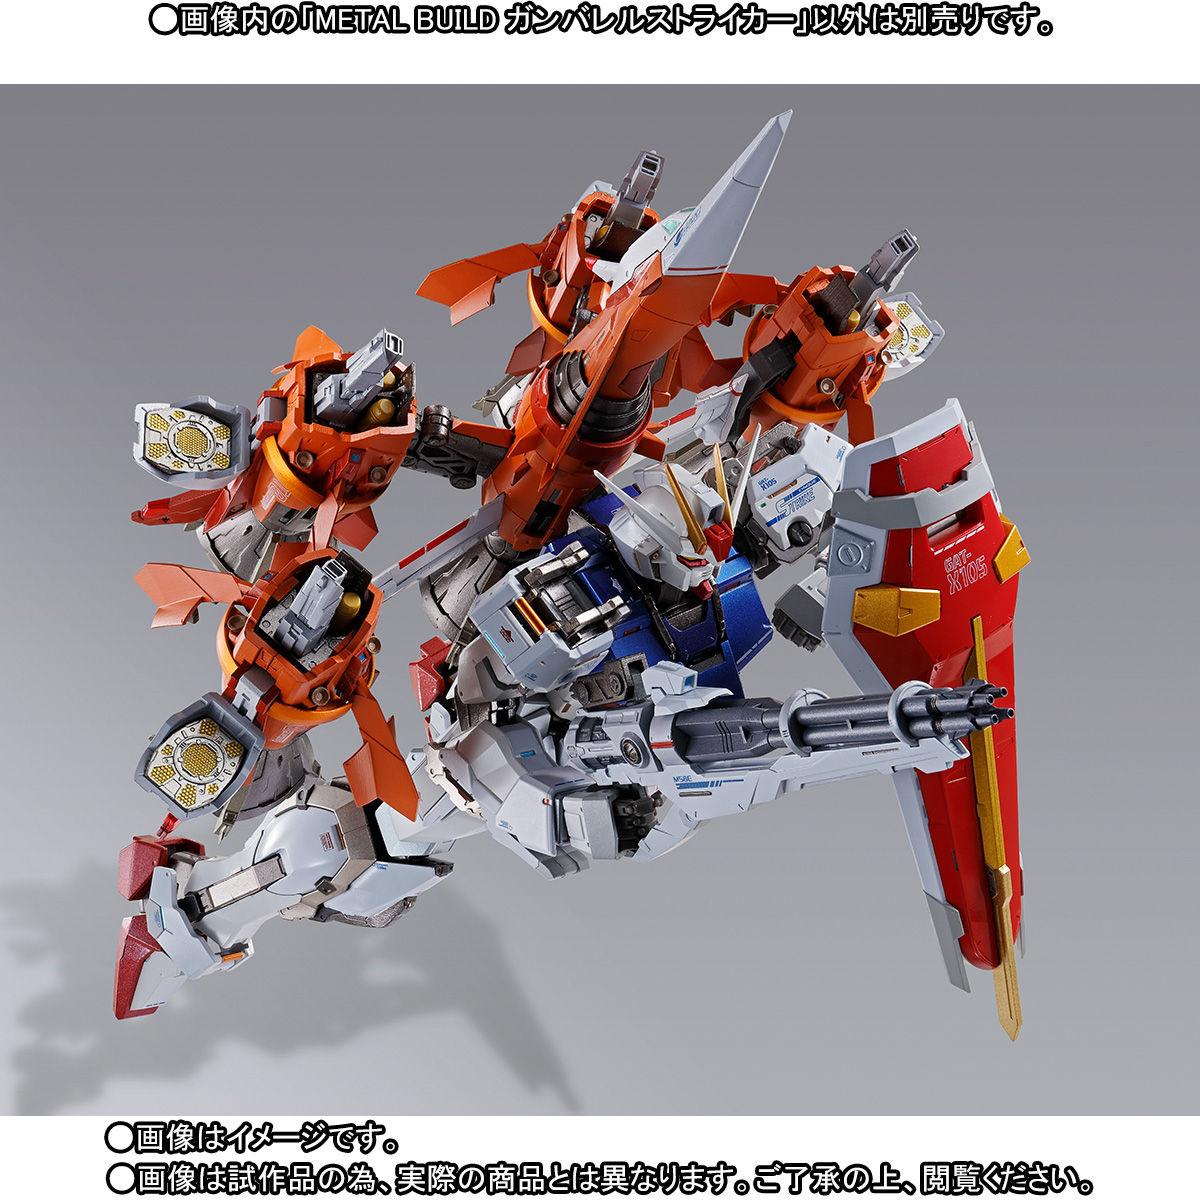 METAL BUILD『ガンバレルストライカー 機動戦士ガンダムSEED MSV』可動フィギュア-003